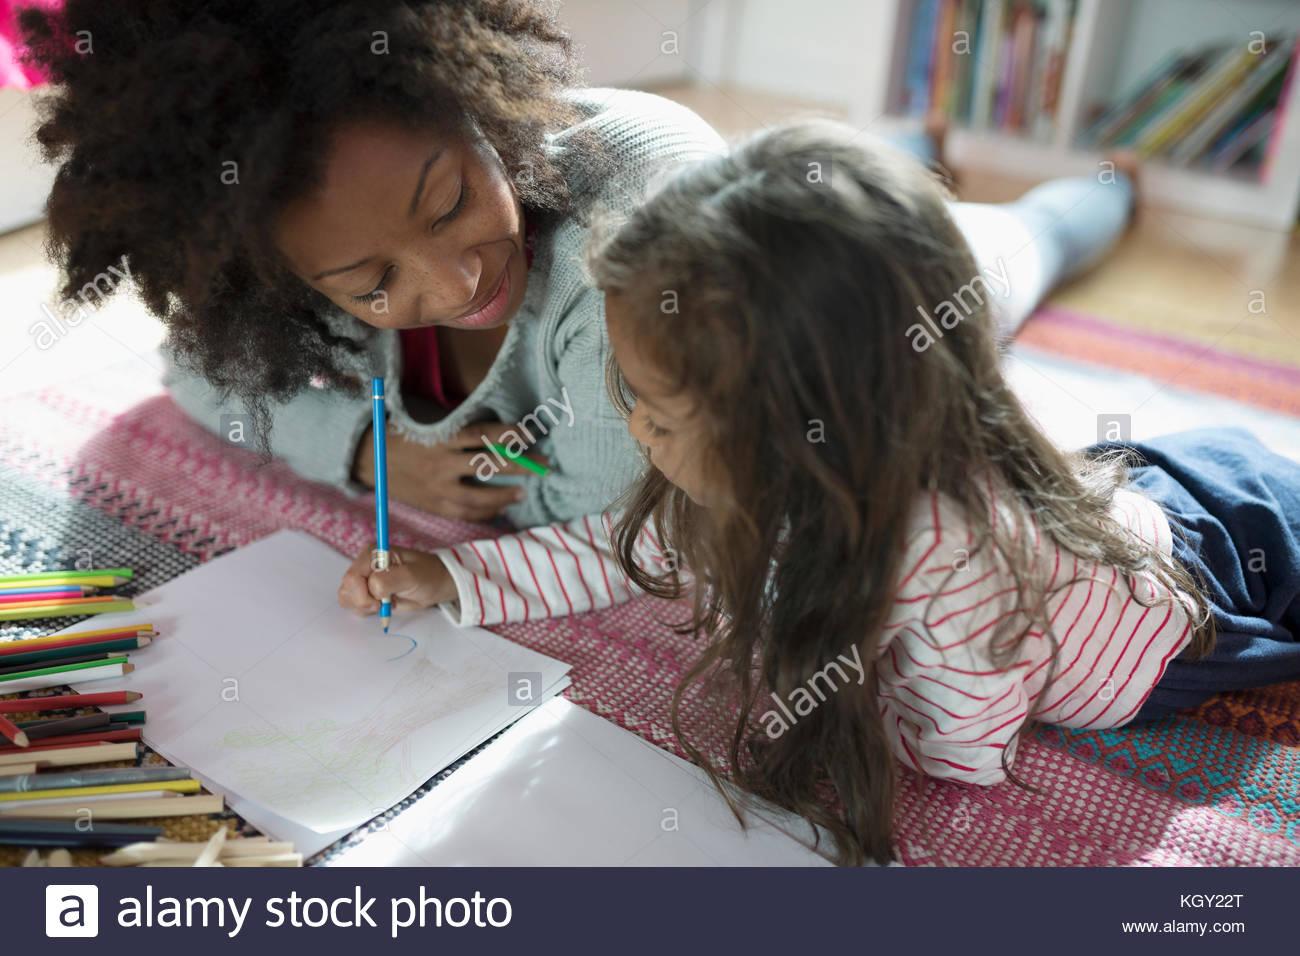 Madre e hija de dibujo con lápices de colores sobre una alfombra Imagen De Stock